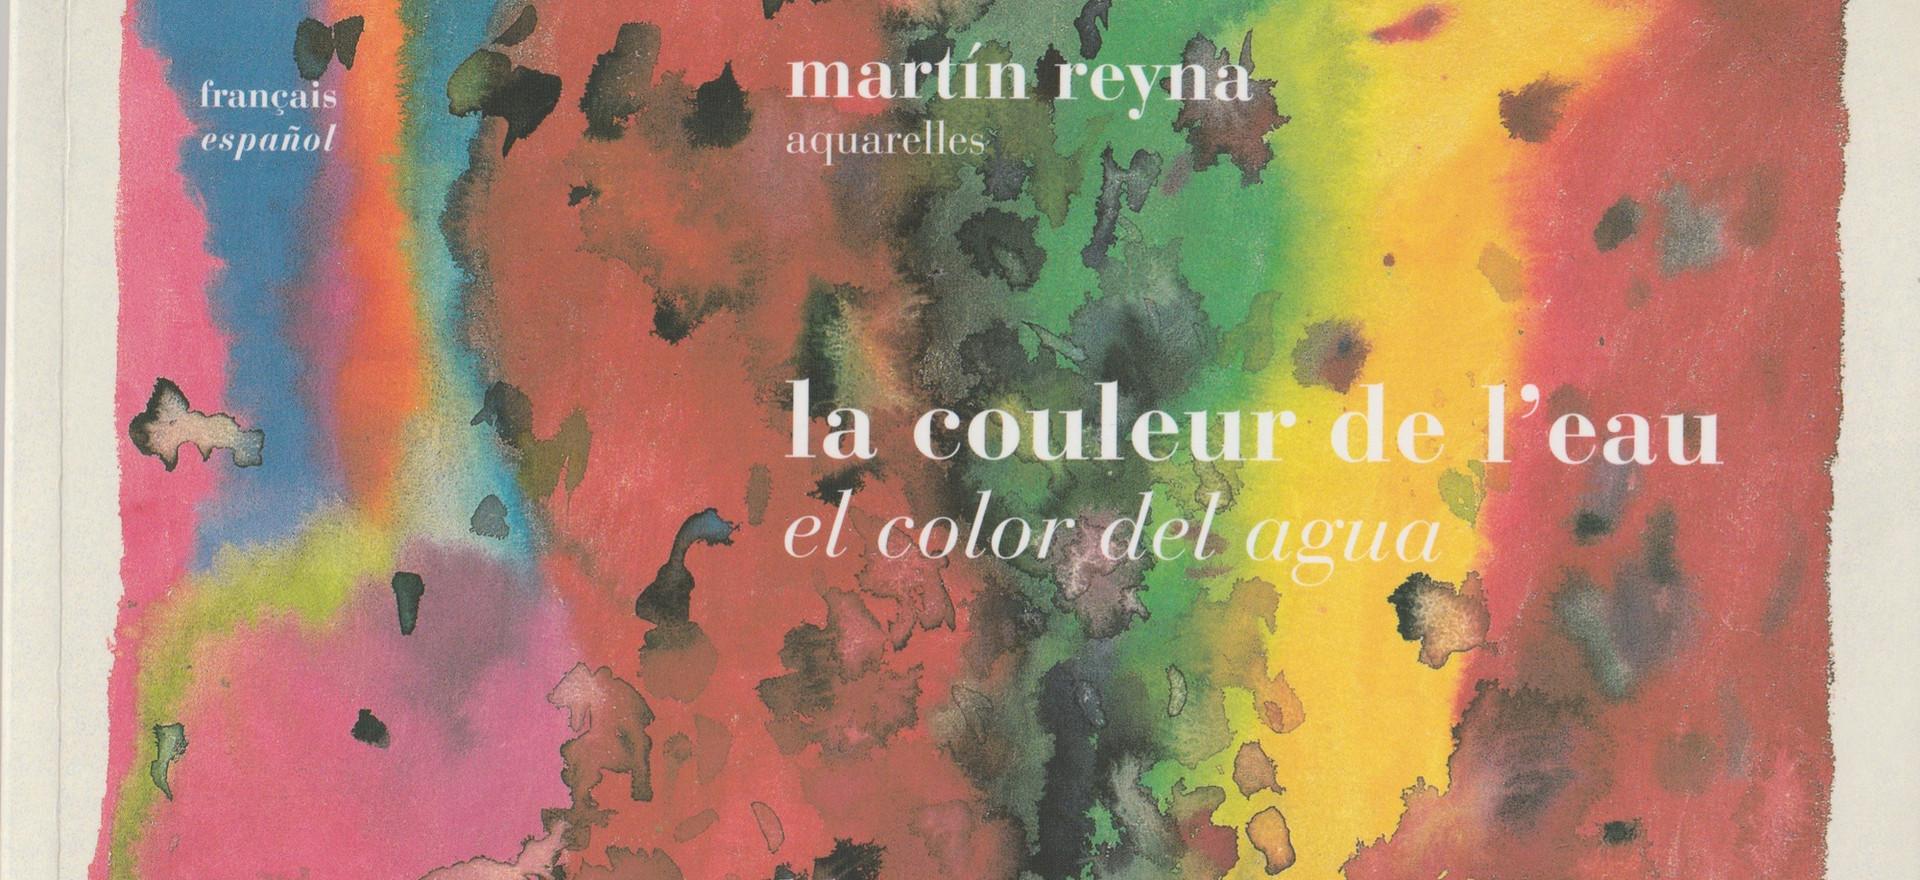 La couleur de l'eau, 2008, Poèmes Lila Zemborain, aquarelles Martín Reyna, Editions Virginie Boissière, Paris